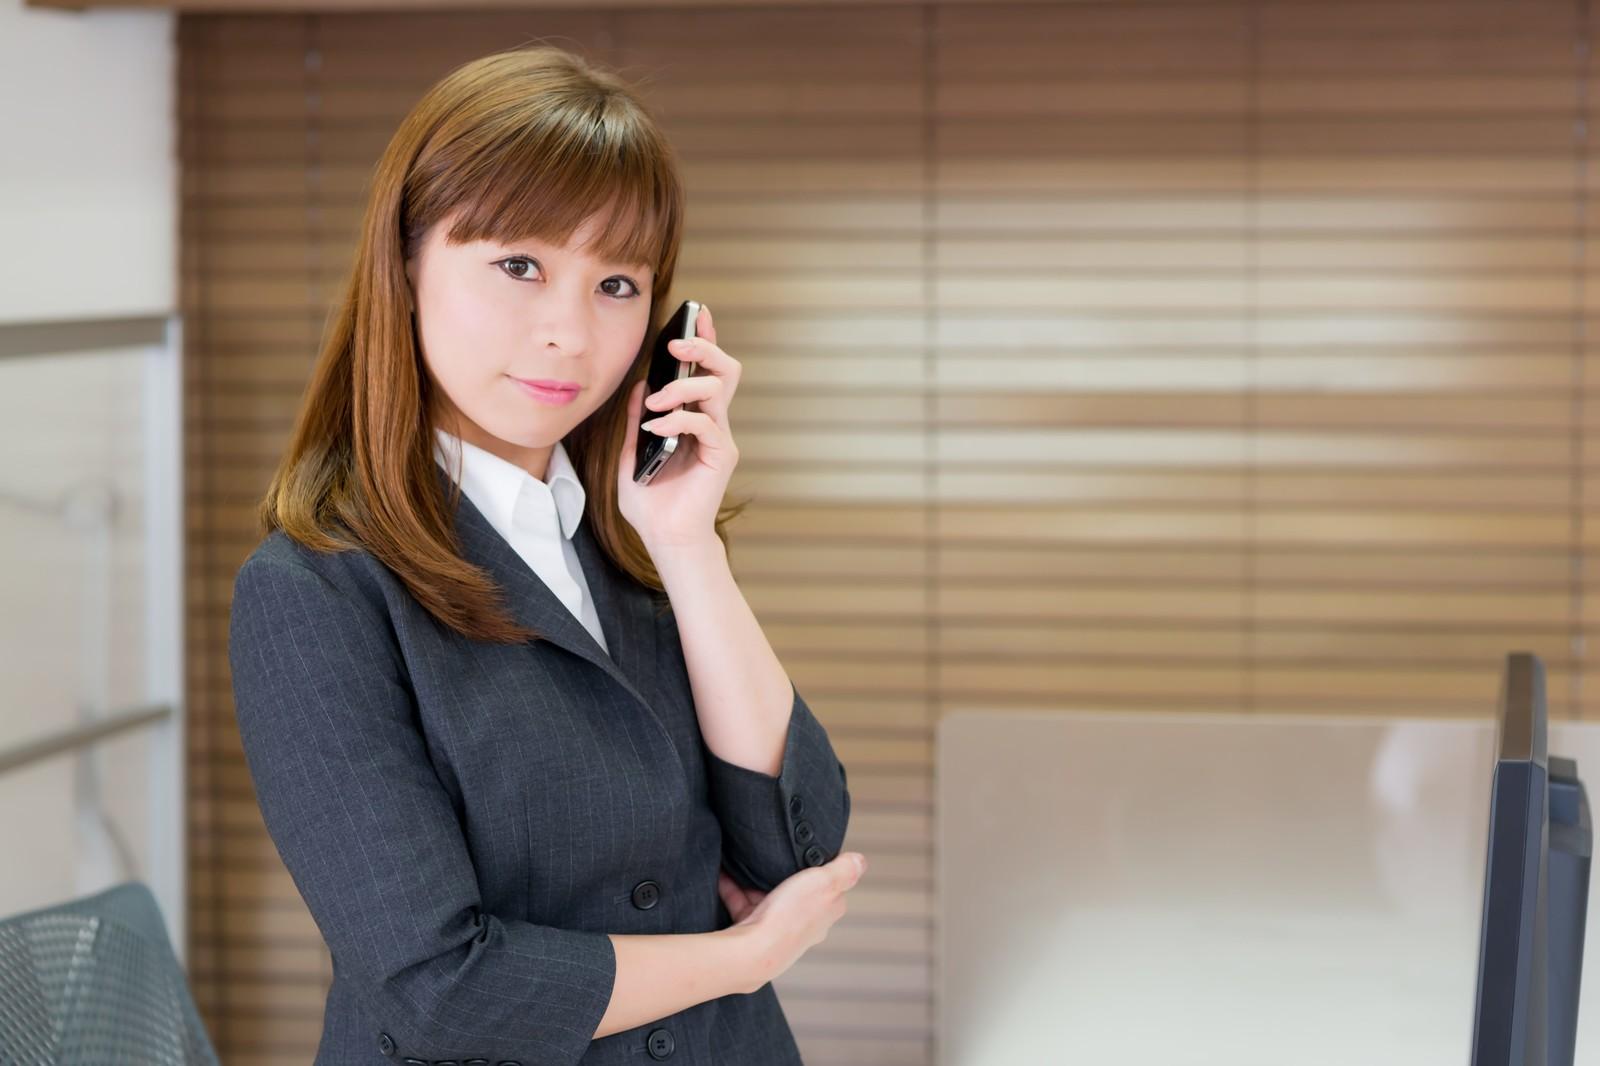 電話対応は新人の仕事?医療事務未経験者が電話対応を行うリスク